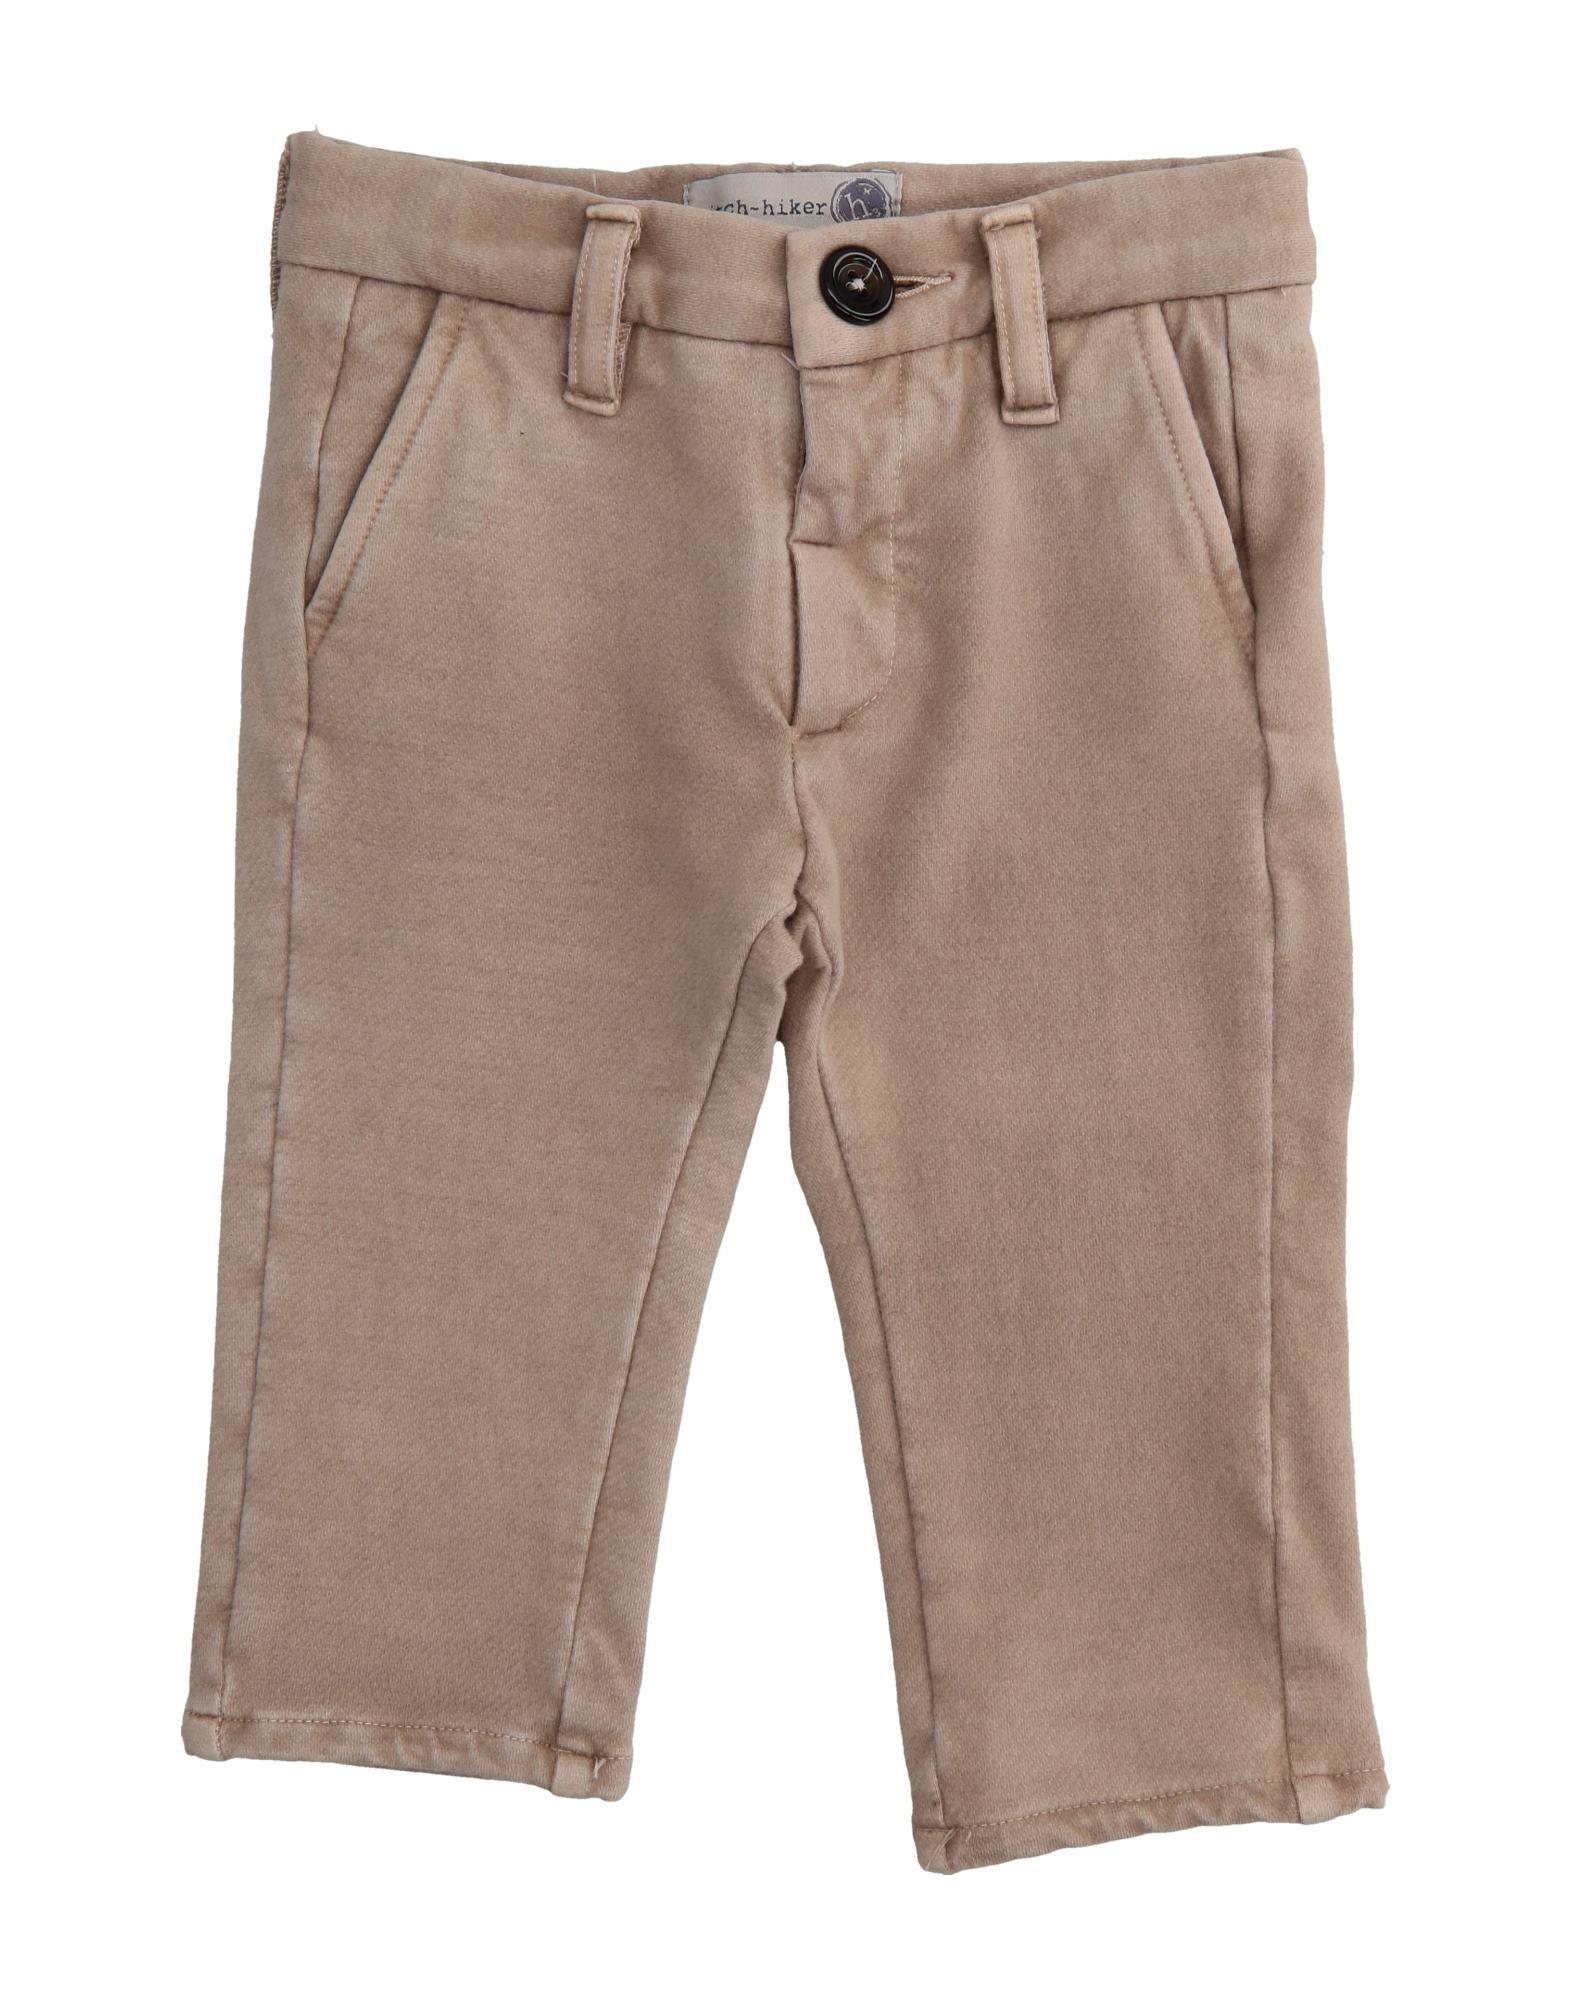 HITCH-HIKER Повседневные брюки